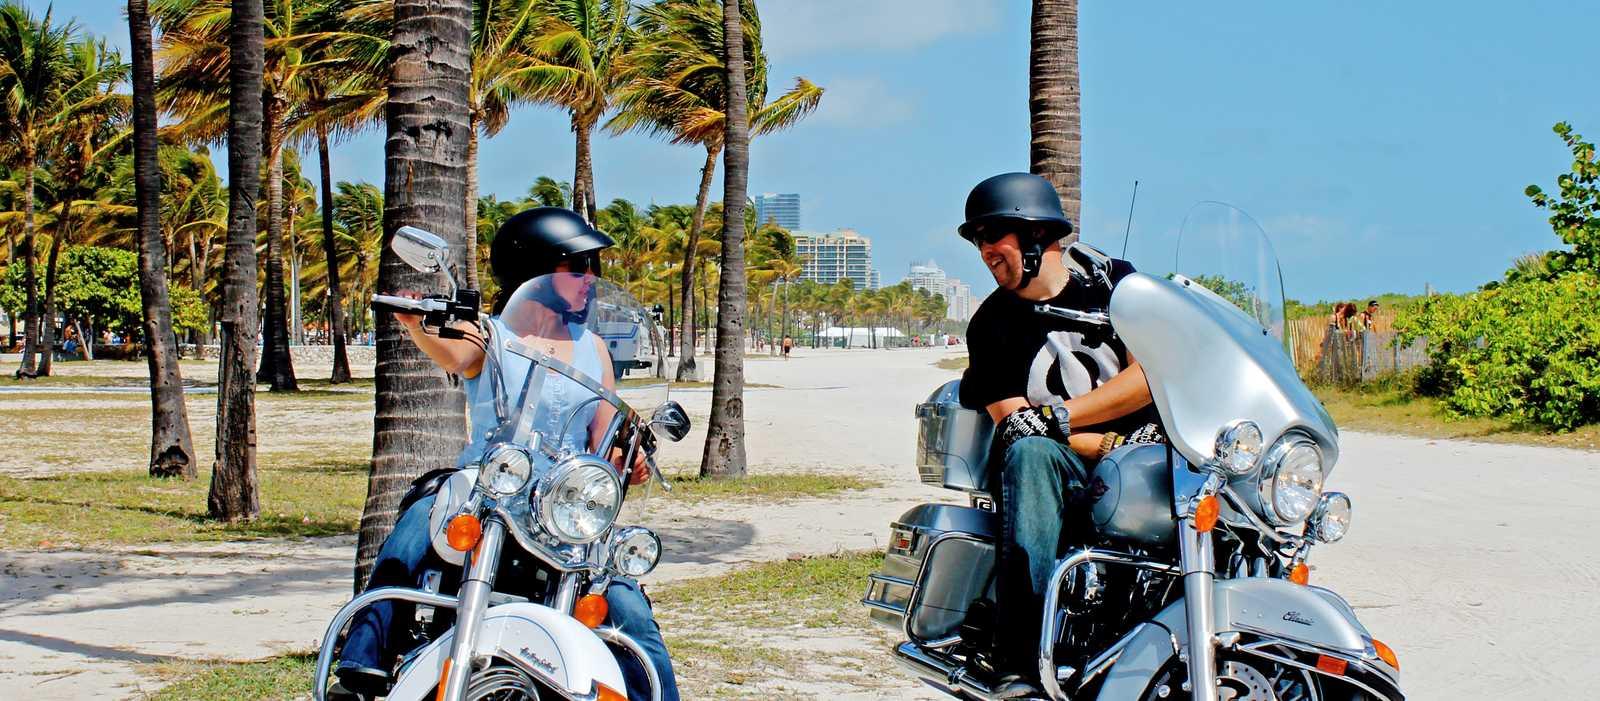 Bikes in Miami Beach